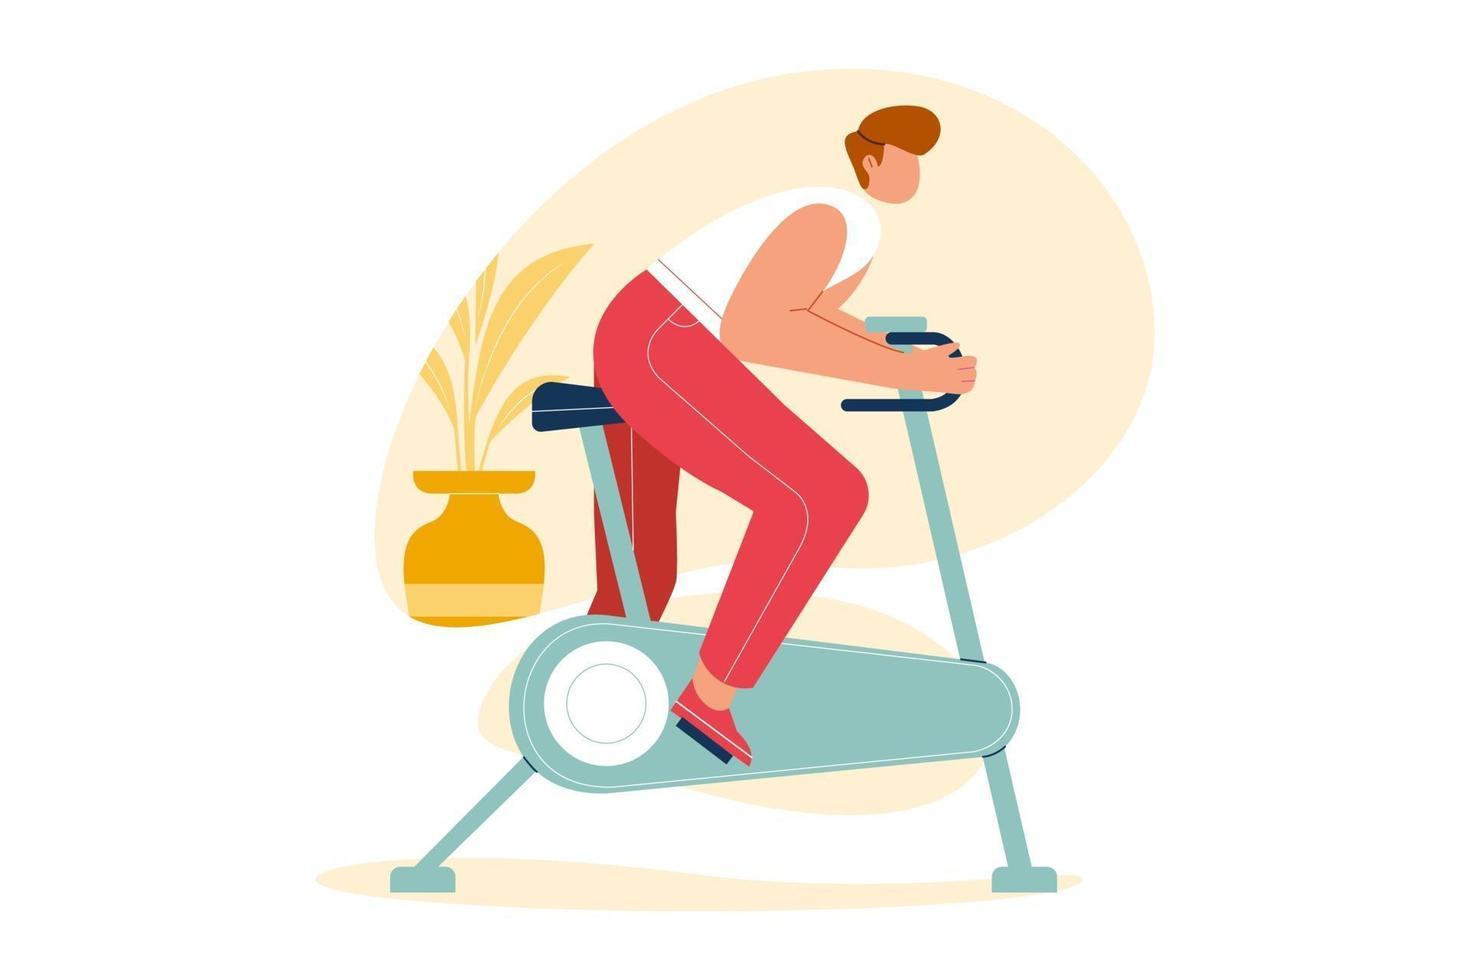 pessoas se exercitam em bicicleta, bicicleta estacionária em casa. conceito de ilustração vetorial de estilo de vida saudável. vetor